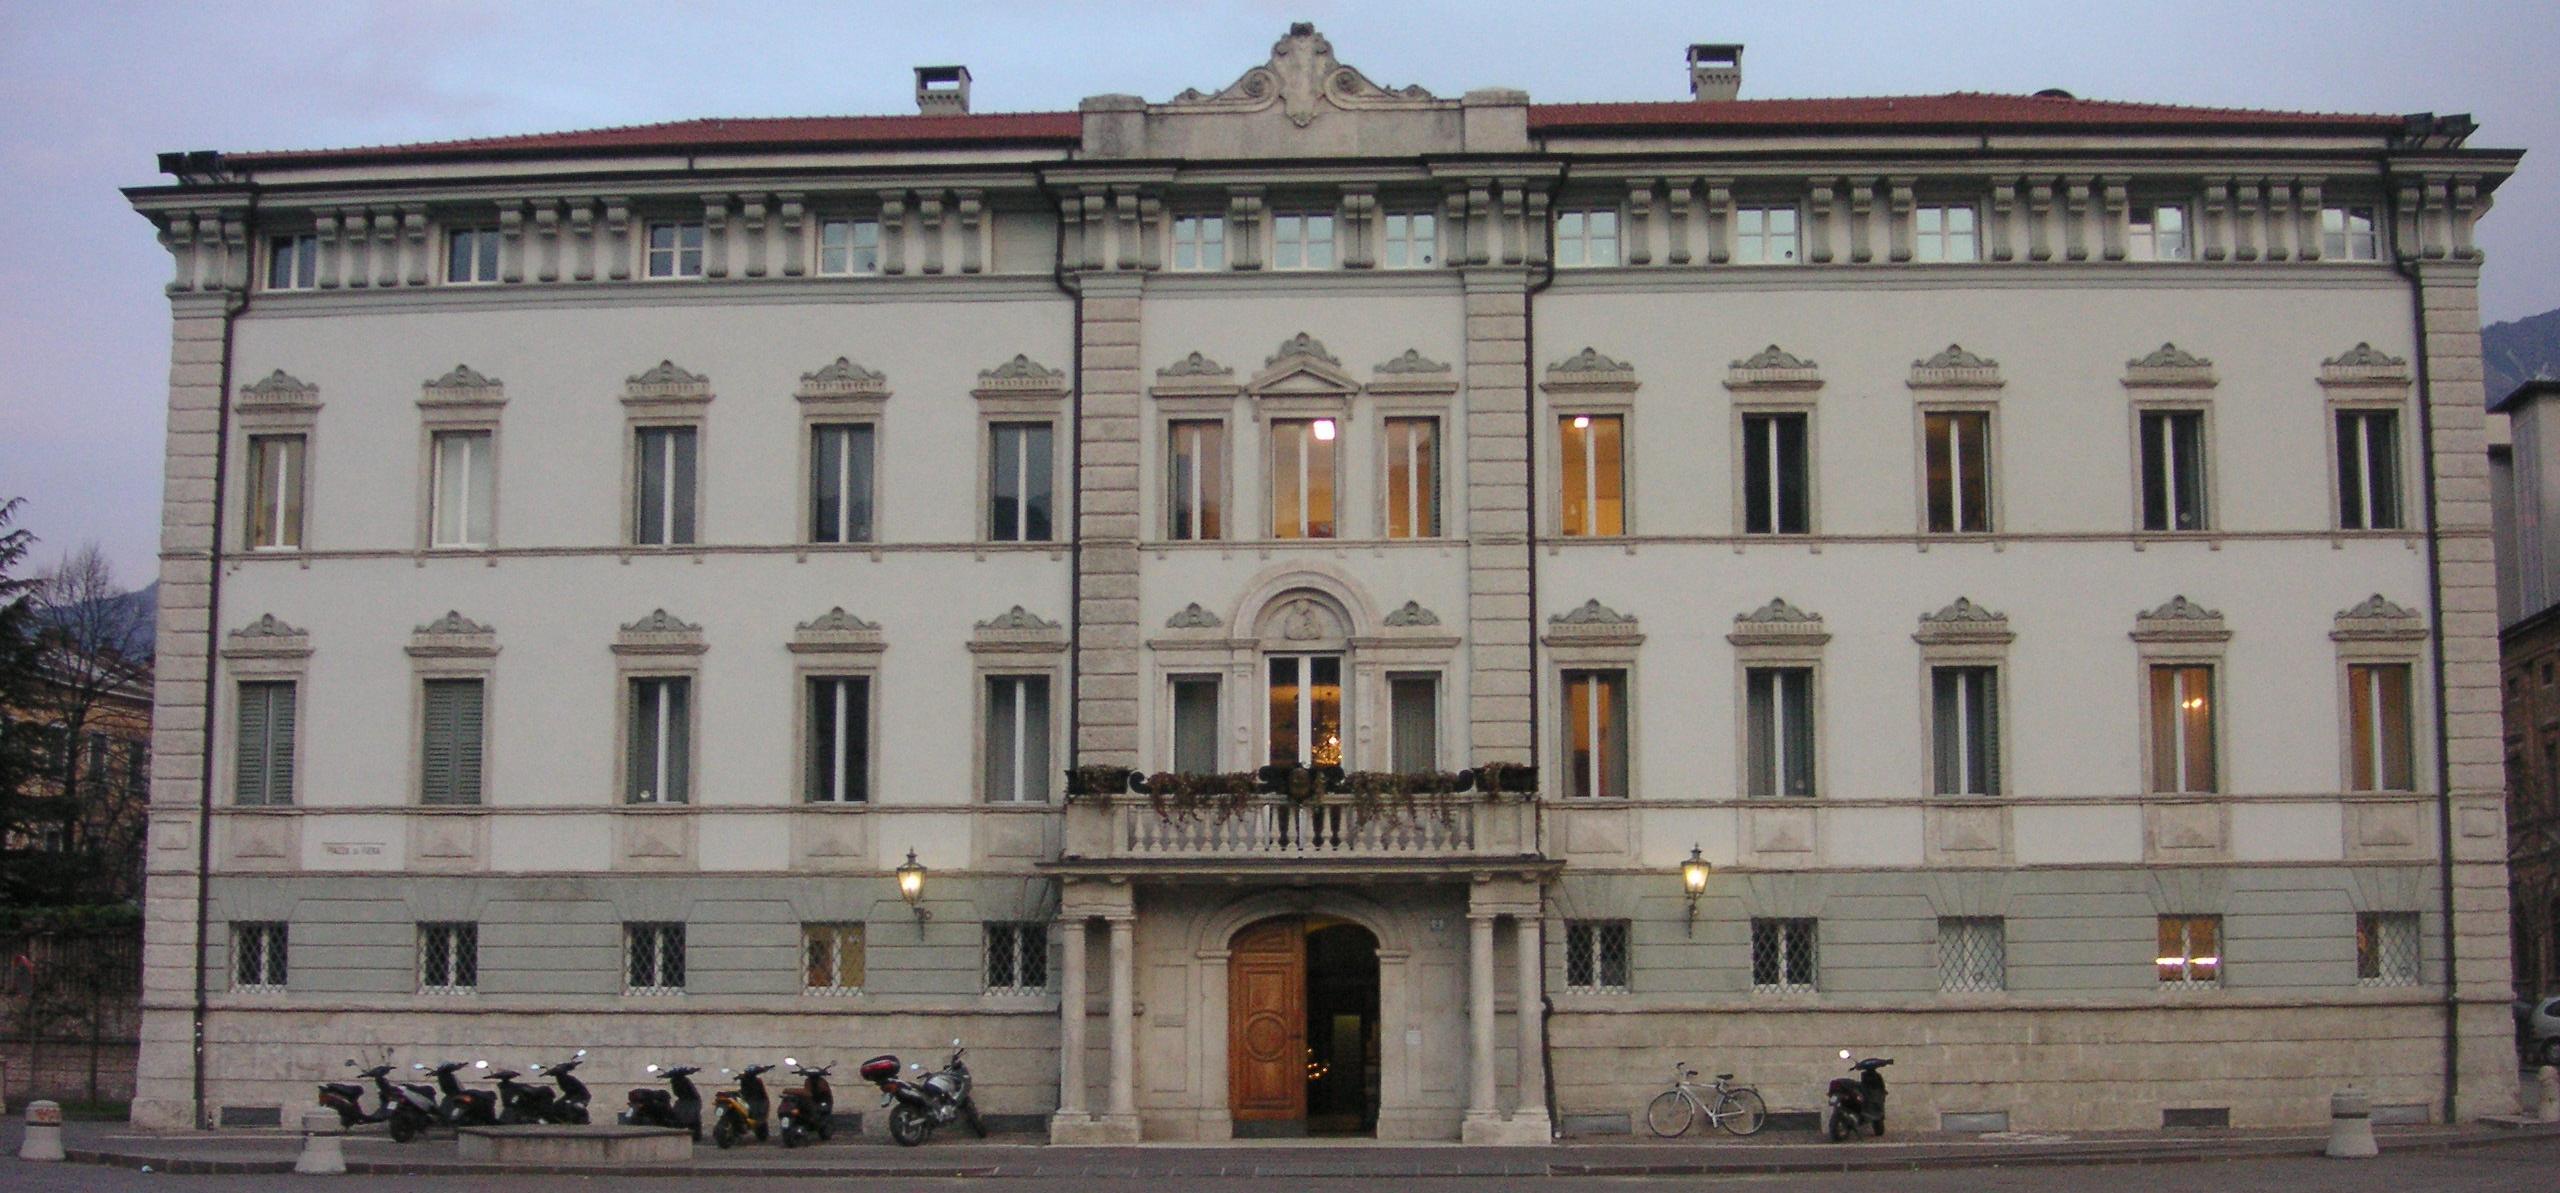 Il Palazzo Vescovile in Piazza Fiera a Trento